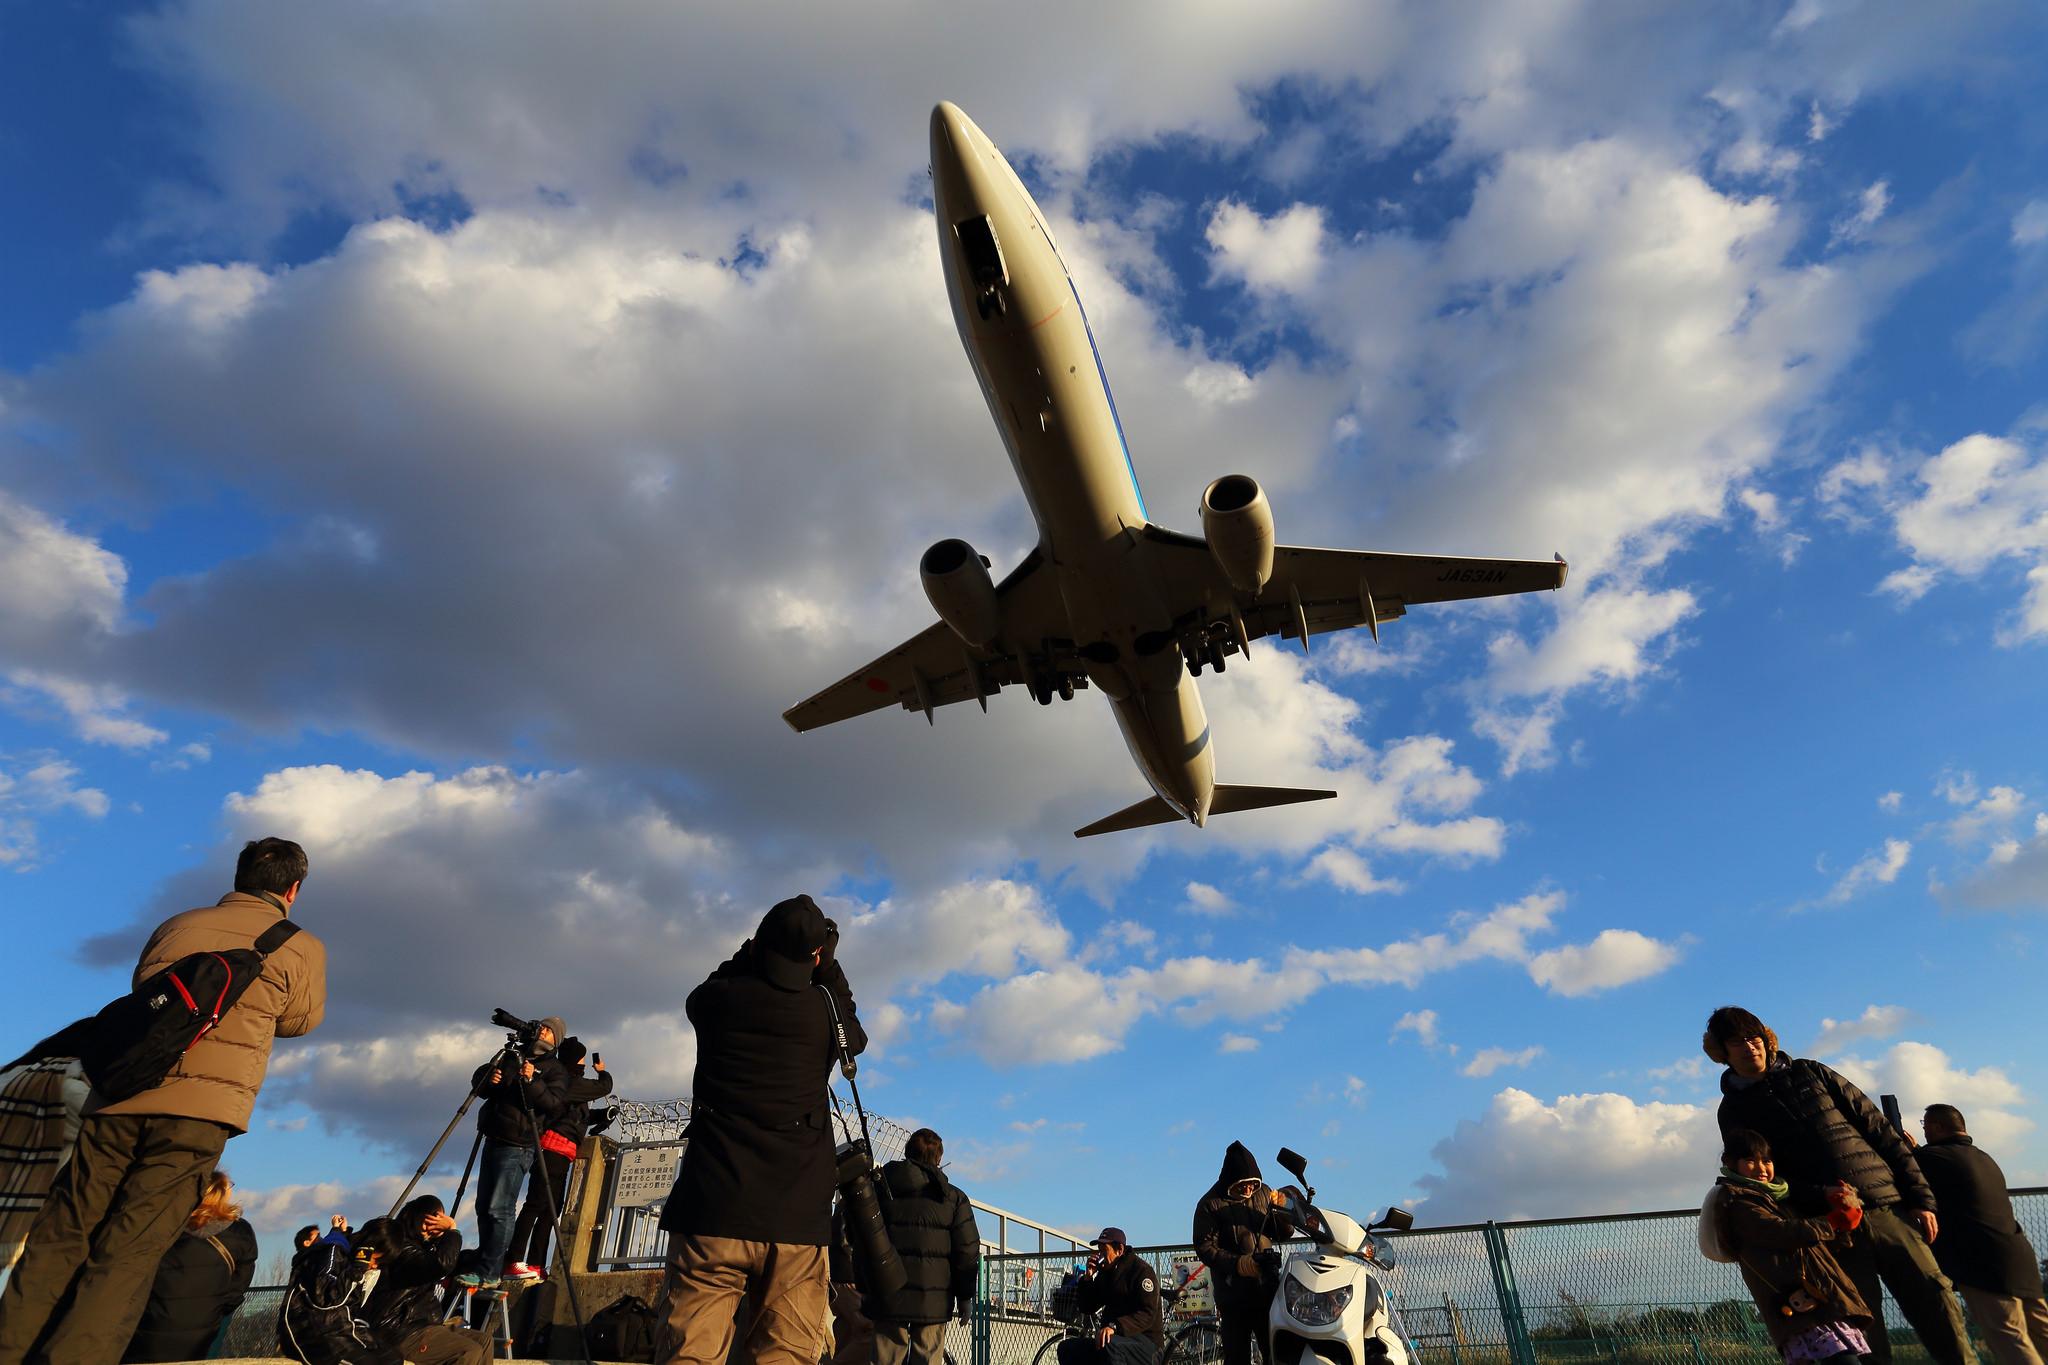 Airport, Teruhide Tomori December 29, 2013